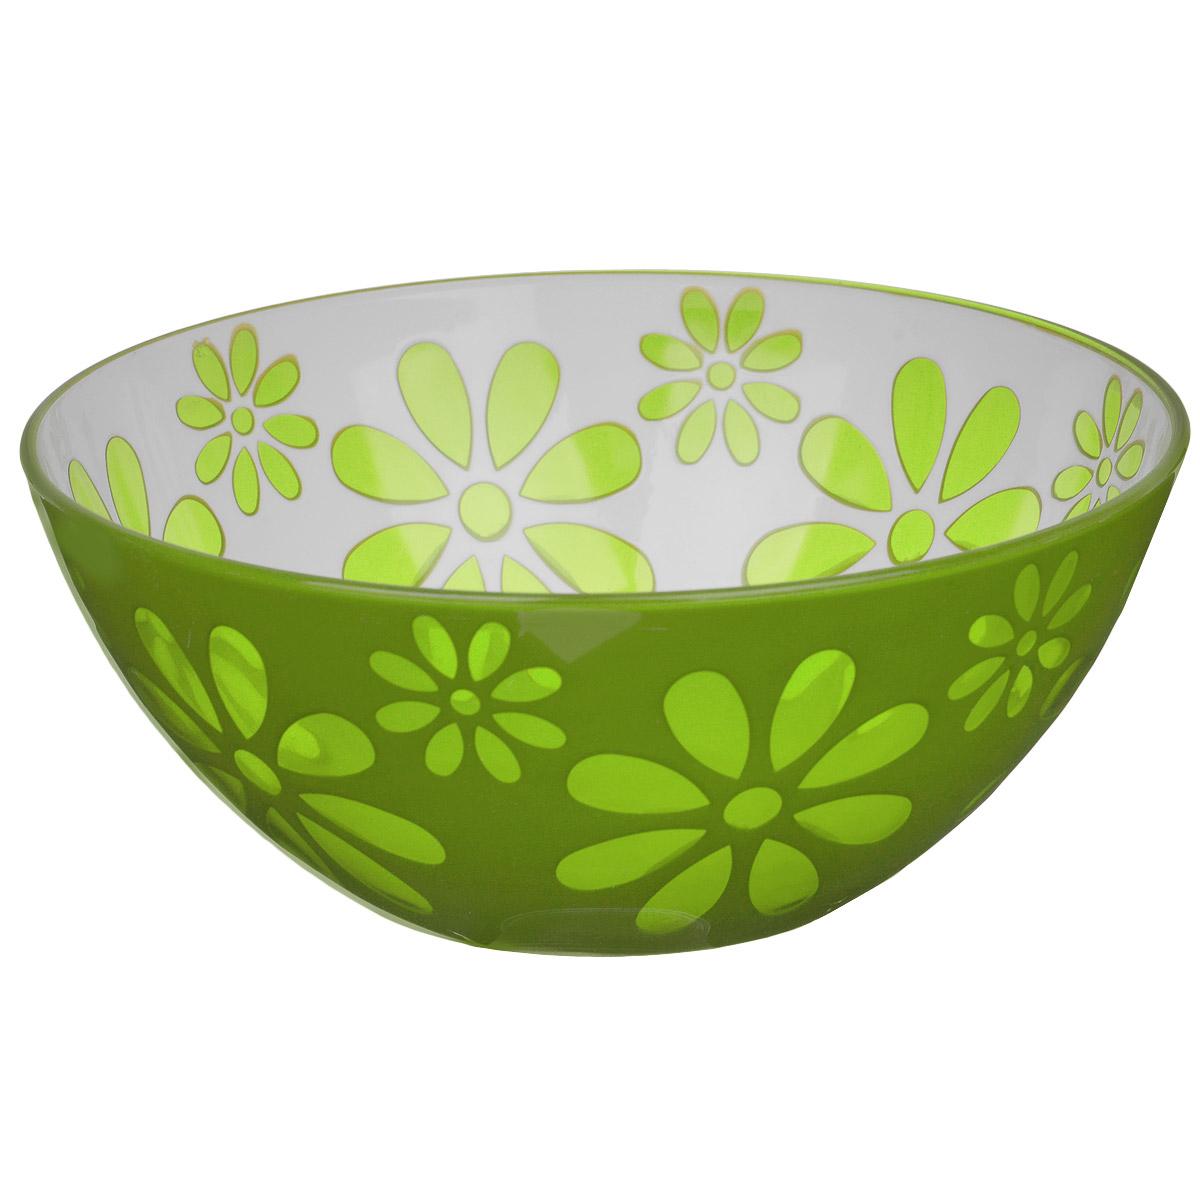 Чаша Альтернатива Соблазн, цвет: зеленый, 1,7 лM2322Чаша Альтернатива Соблазн изготовлена из высококачественного пластика и подходит для повседневного использования. Чаша отлично подойдет для овсяных хлопьев, фруктов, риса или некоторых видов десерта. Также в ней можно приготовить салаты. Приятный дизайн подойдет практически для любого случая.